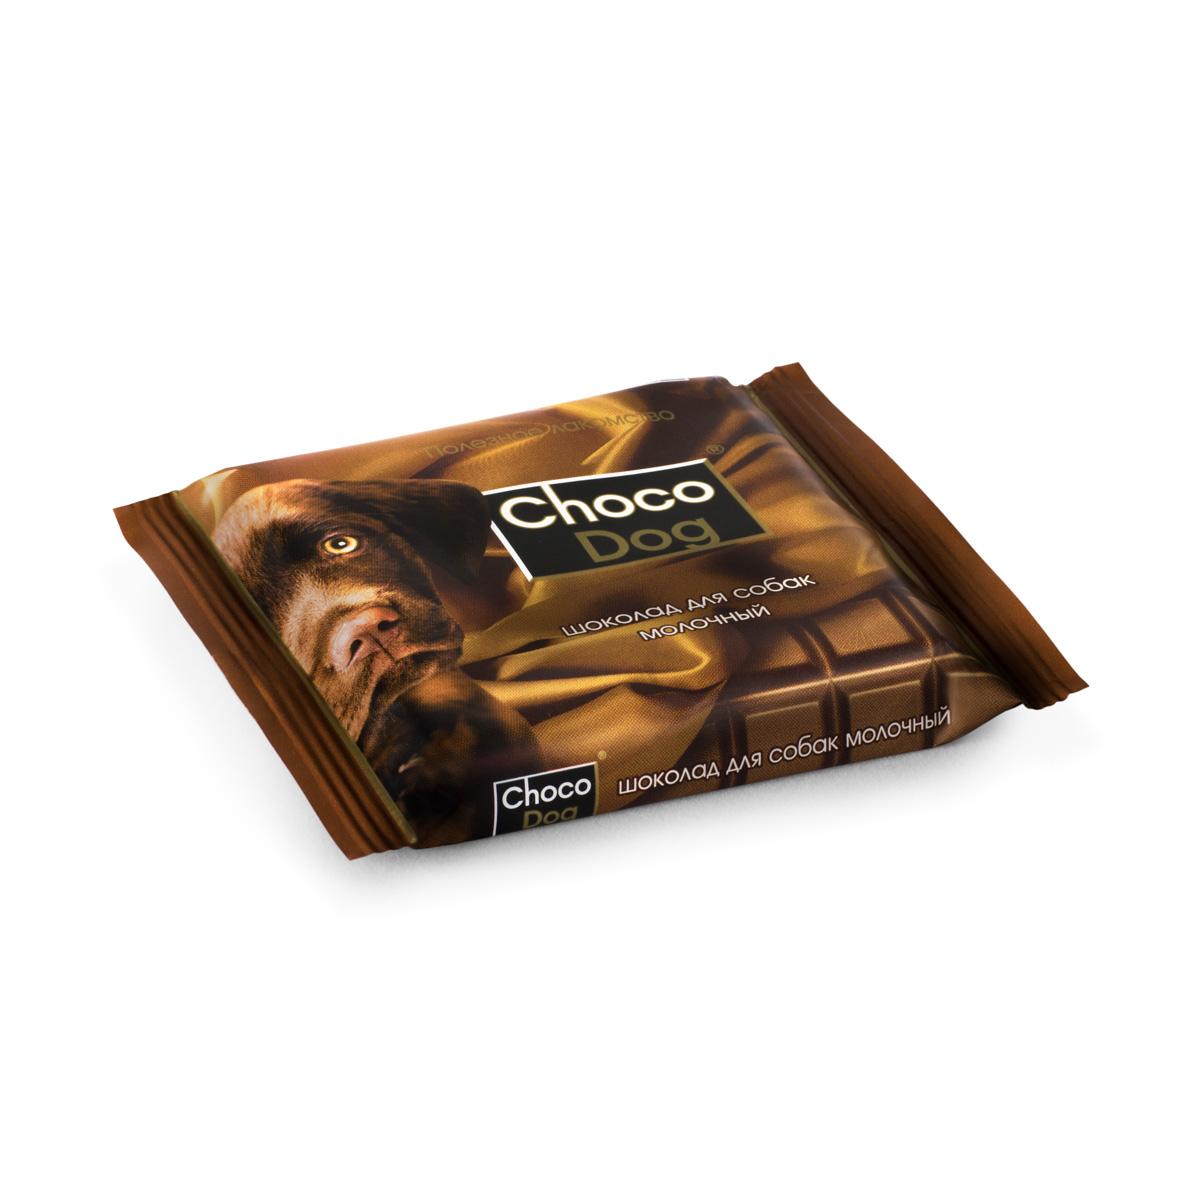 Лакомство для собак VEDA Choco Dog, шоколад молочный, 15 г белковая добавка для животных г иркутск